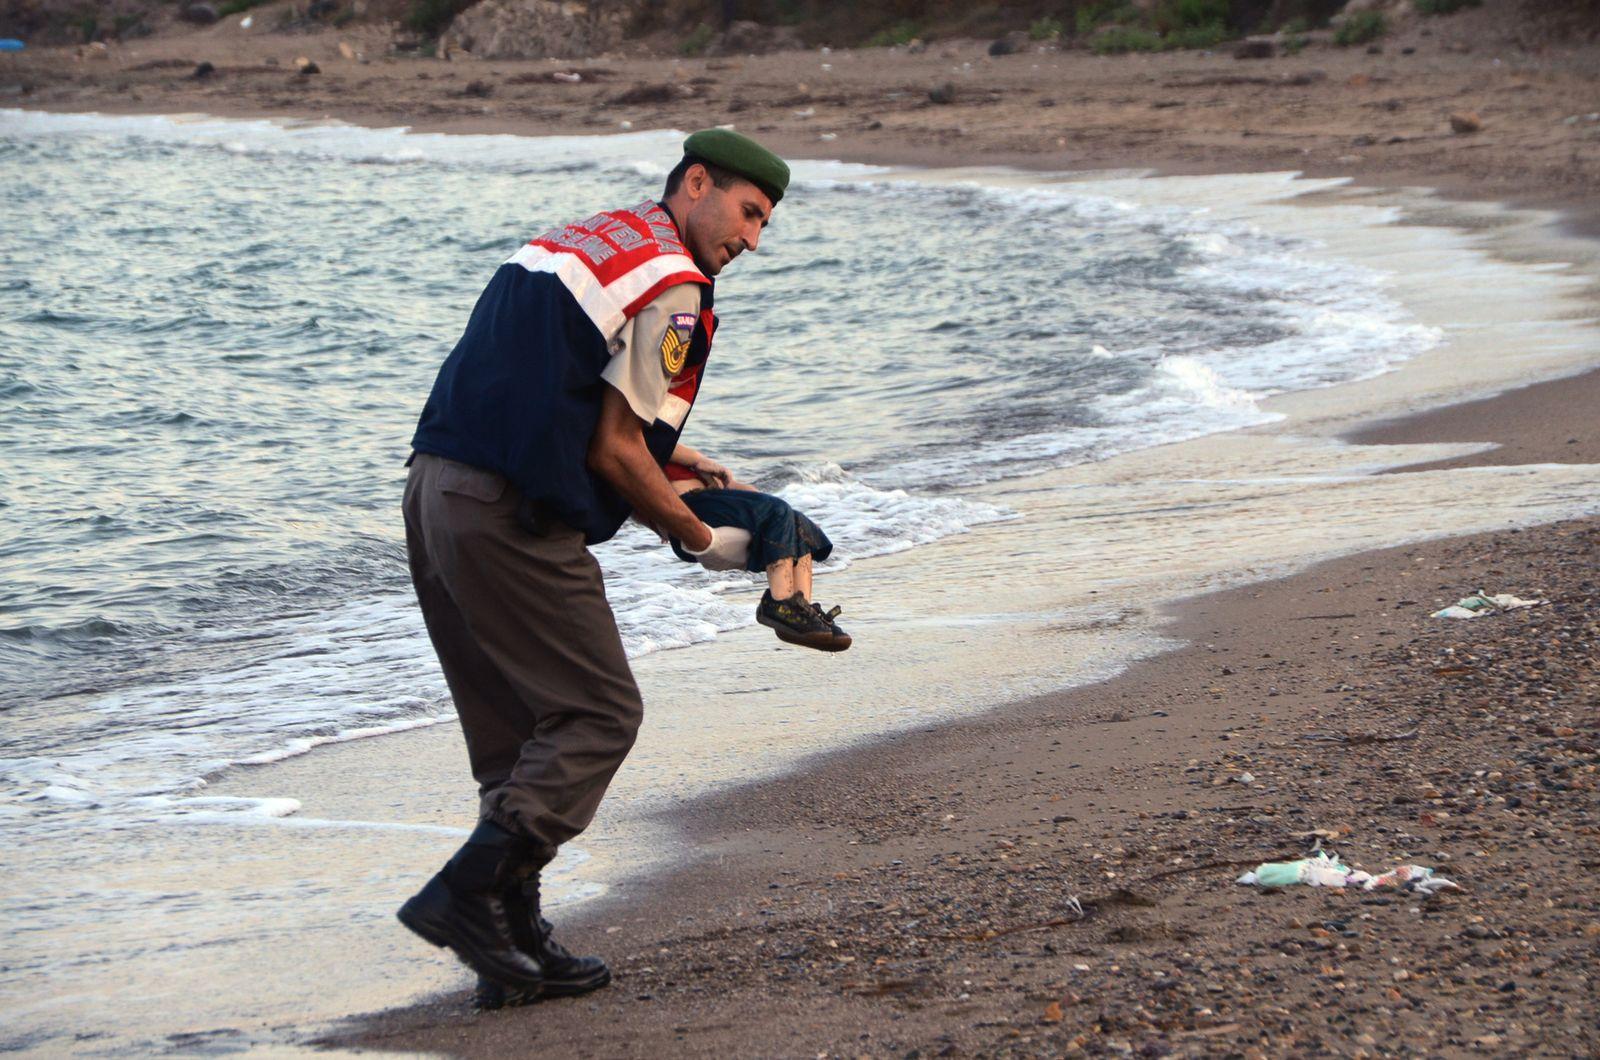 Toter Flüchtlingsjunge